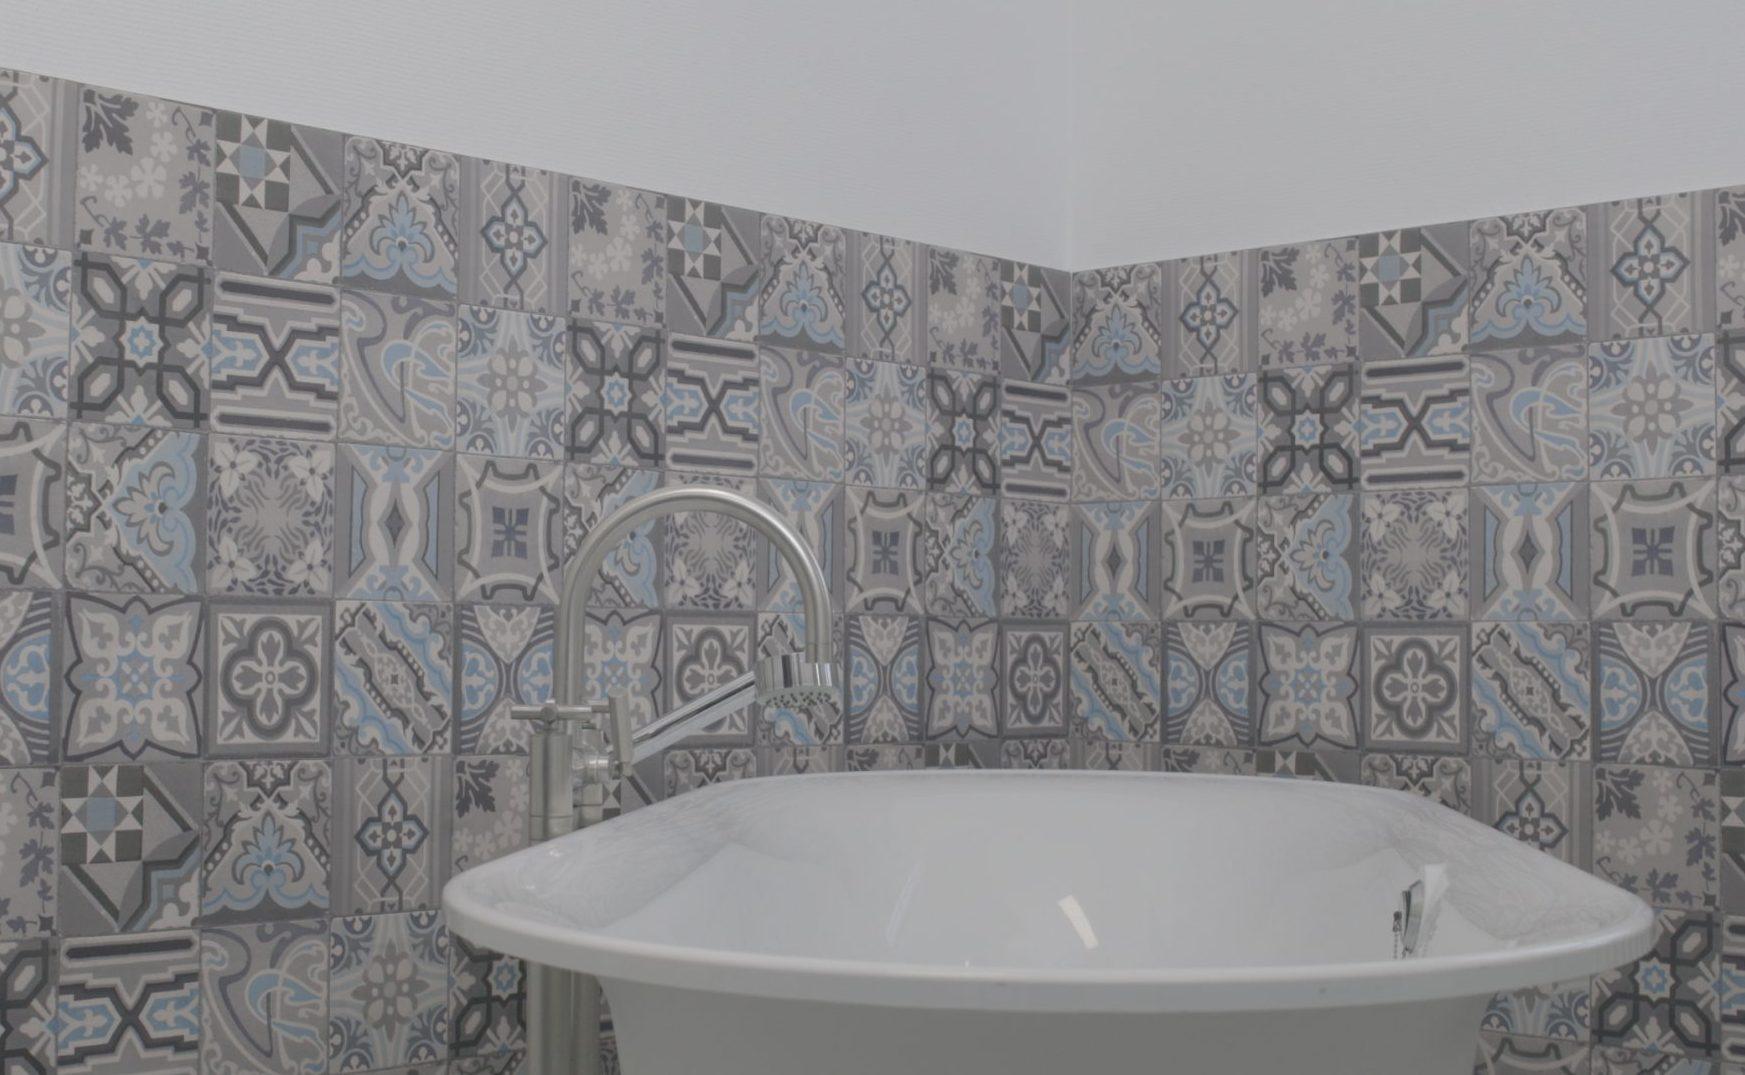 Mur carrelé de la salle de bains fraîchement recouvert de papier peint d-c-wall® ceramics Simenta représentant des carreaux décoratifs.